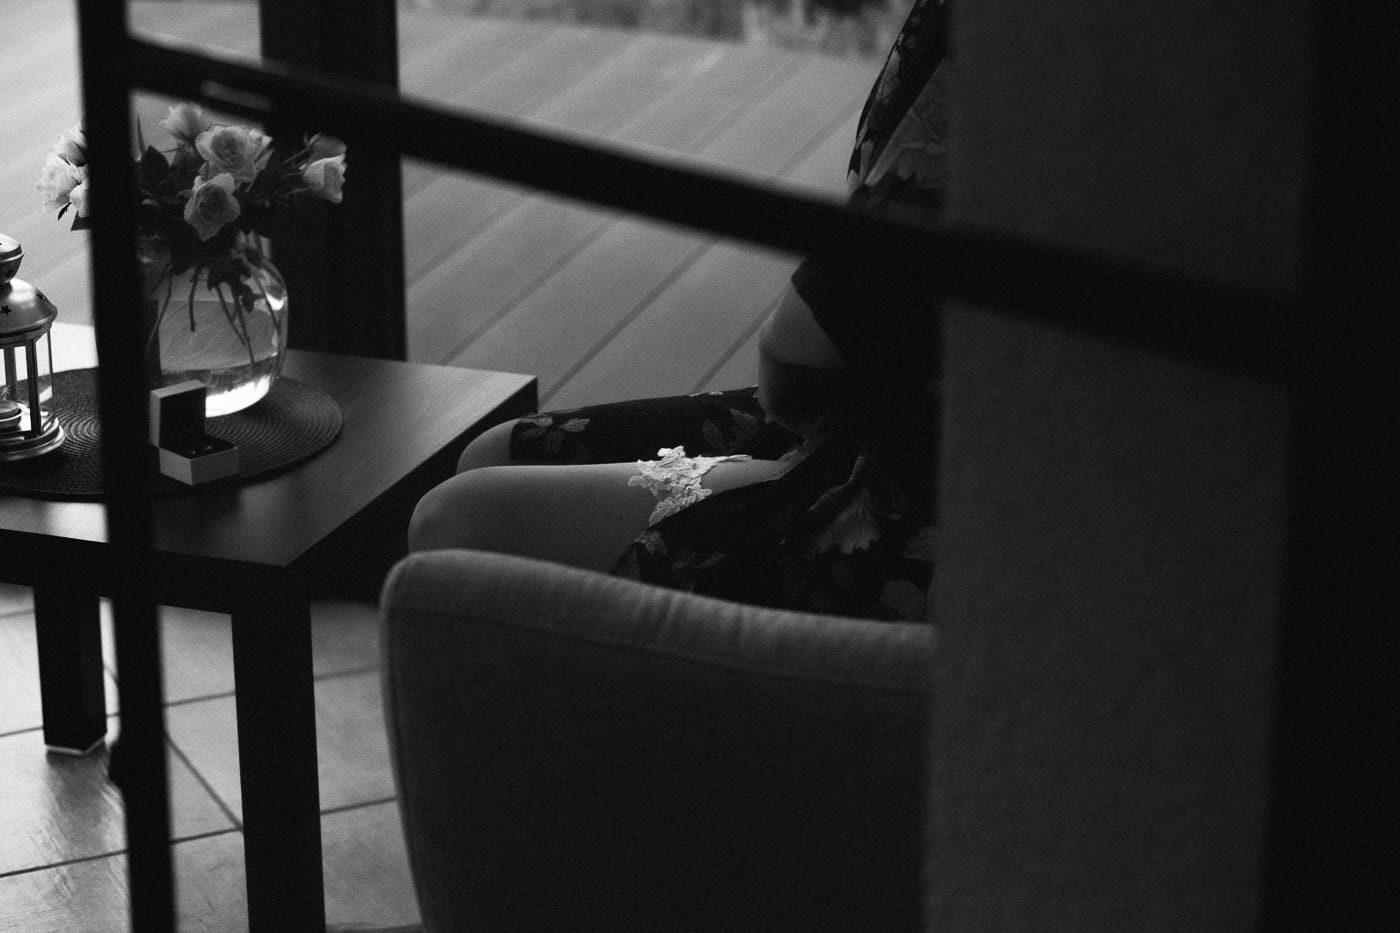 Maciej Sobol fotograf ślubny Toruń Kujawsko Pomorskie 10 1400x933 - Patrycja & Michał - fotografia ślubna [Ciechocin / Toruń]